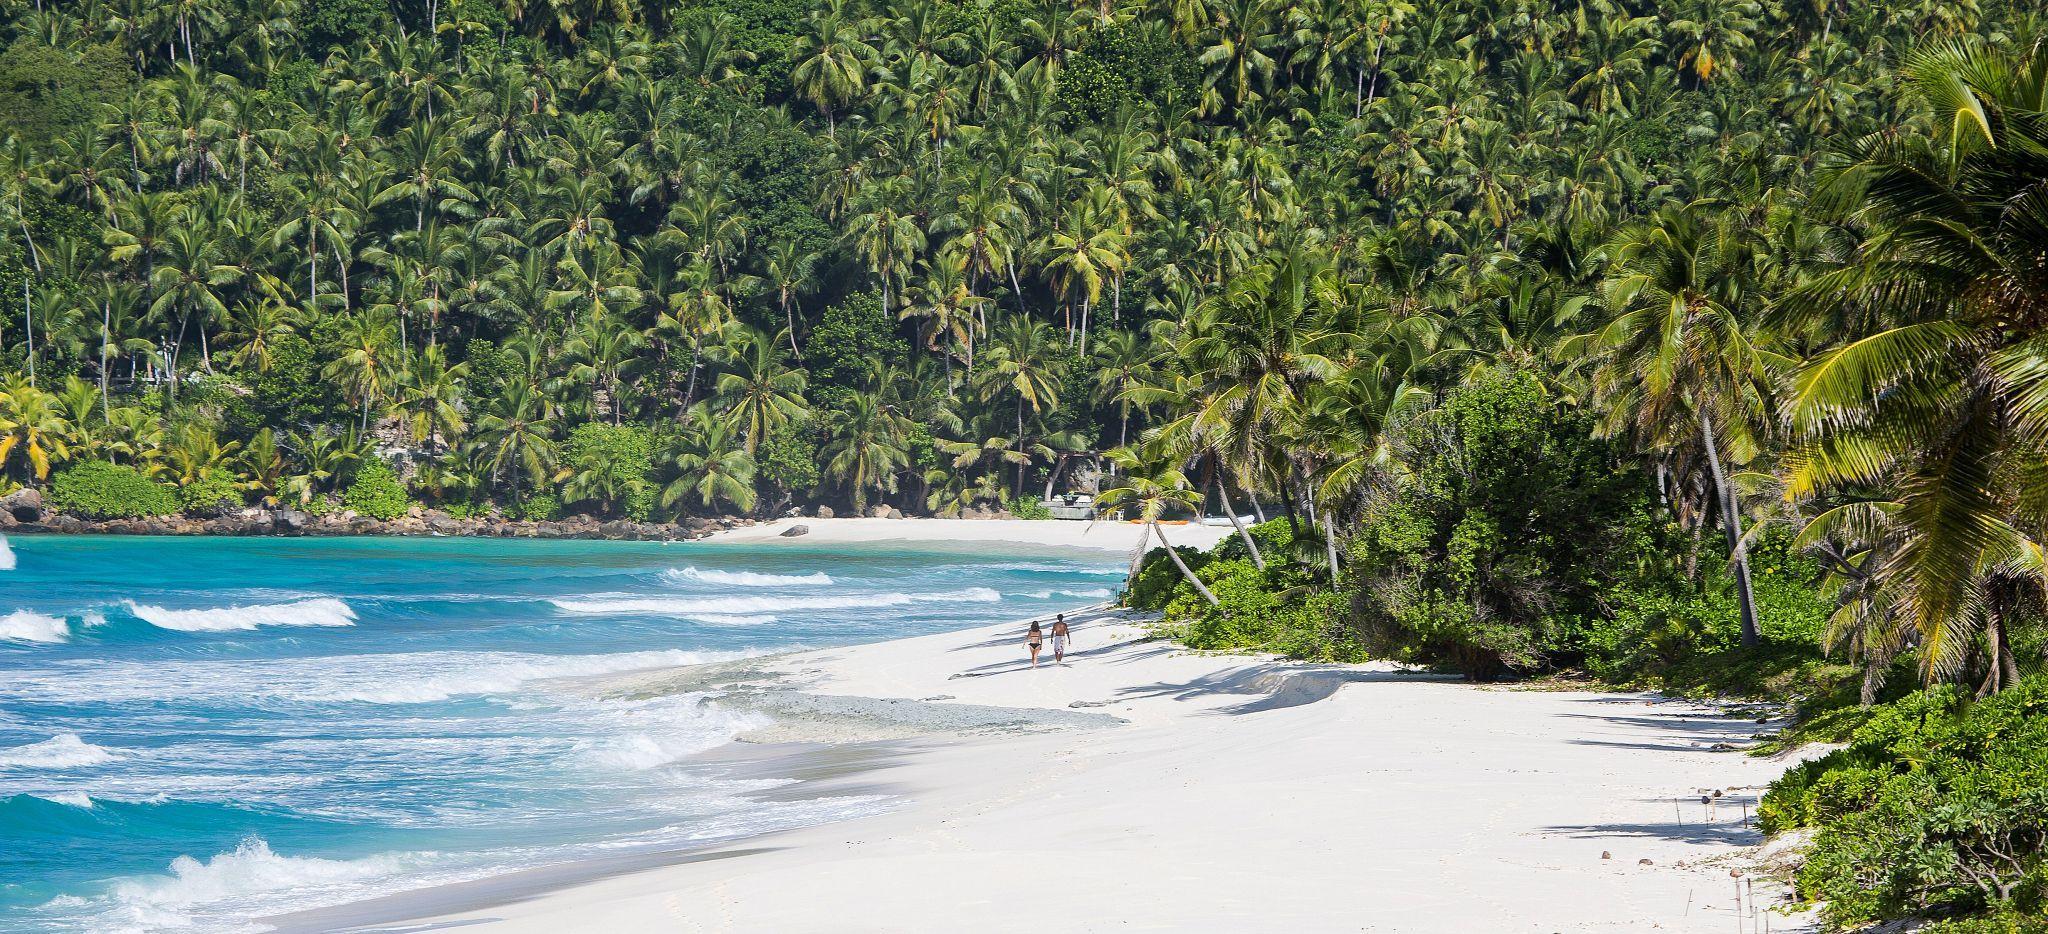 Ein weitläufiger Strand direkt zwischen Meer und üppigem Dschungel, Seychellen